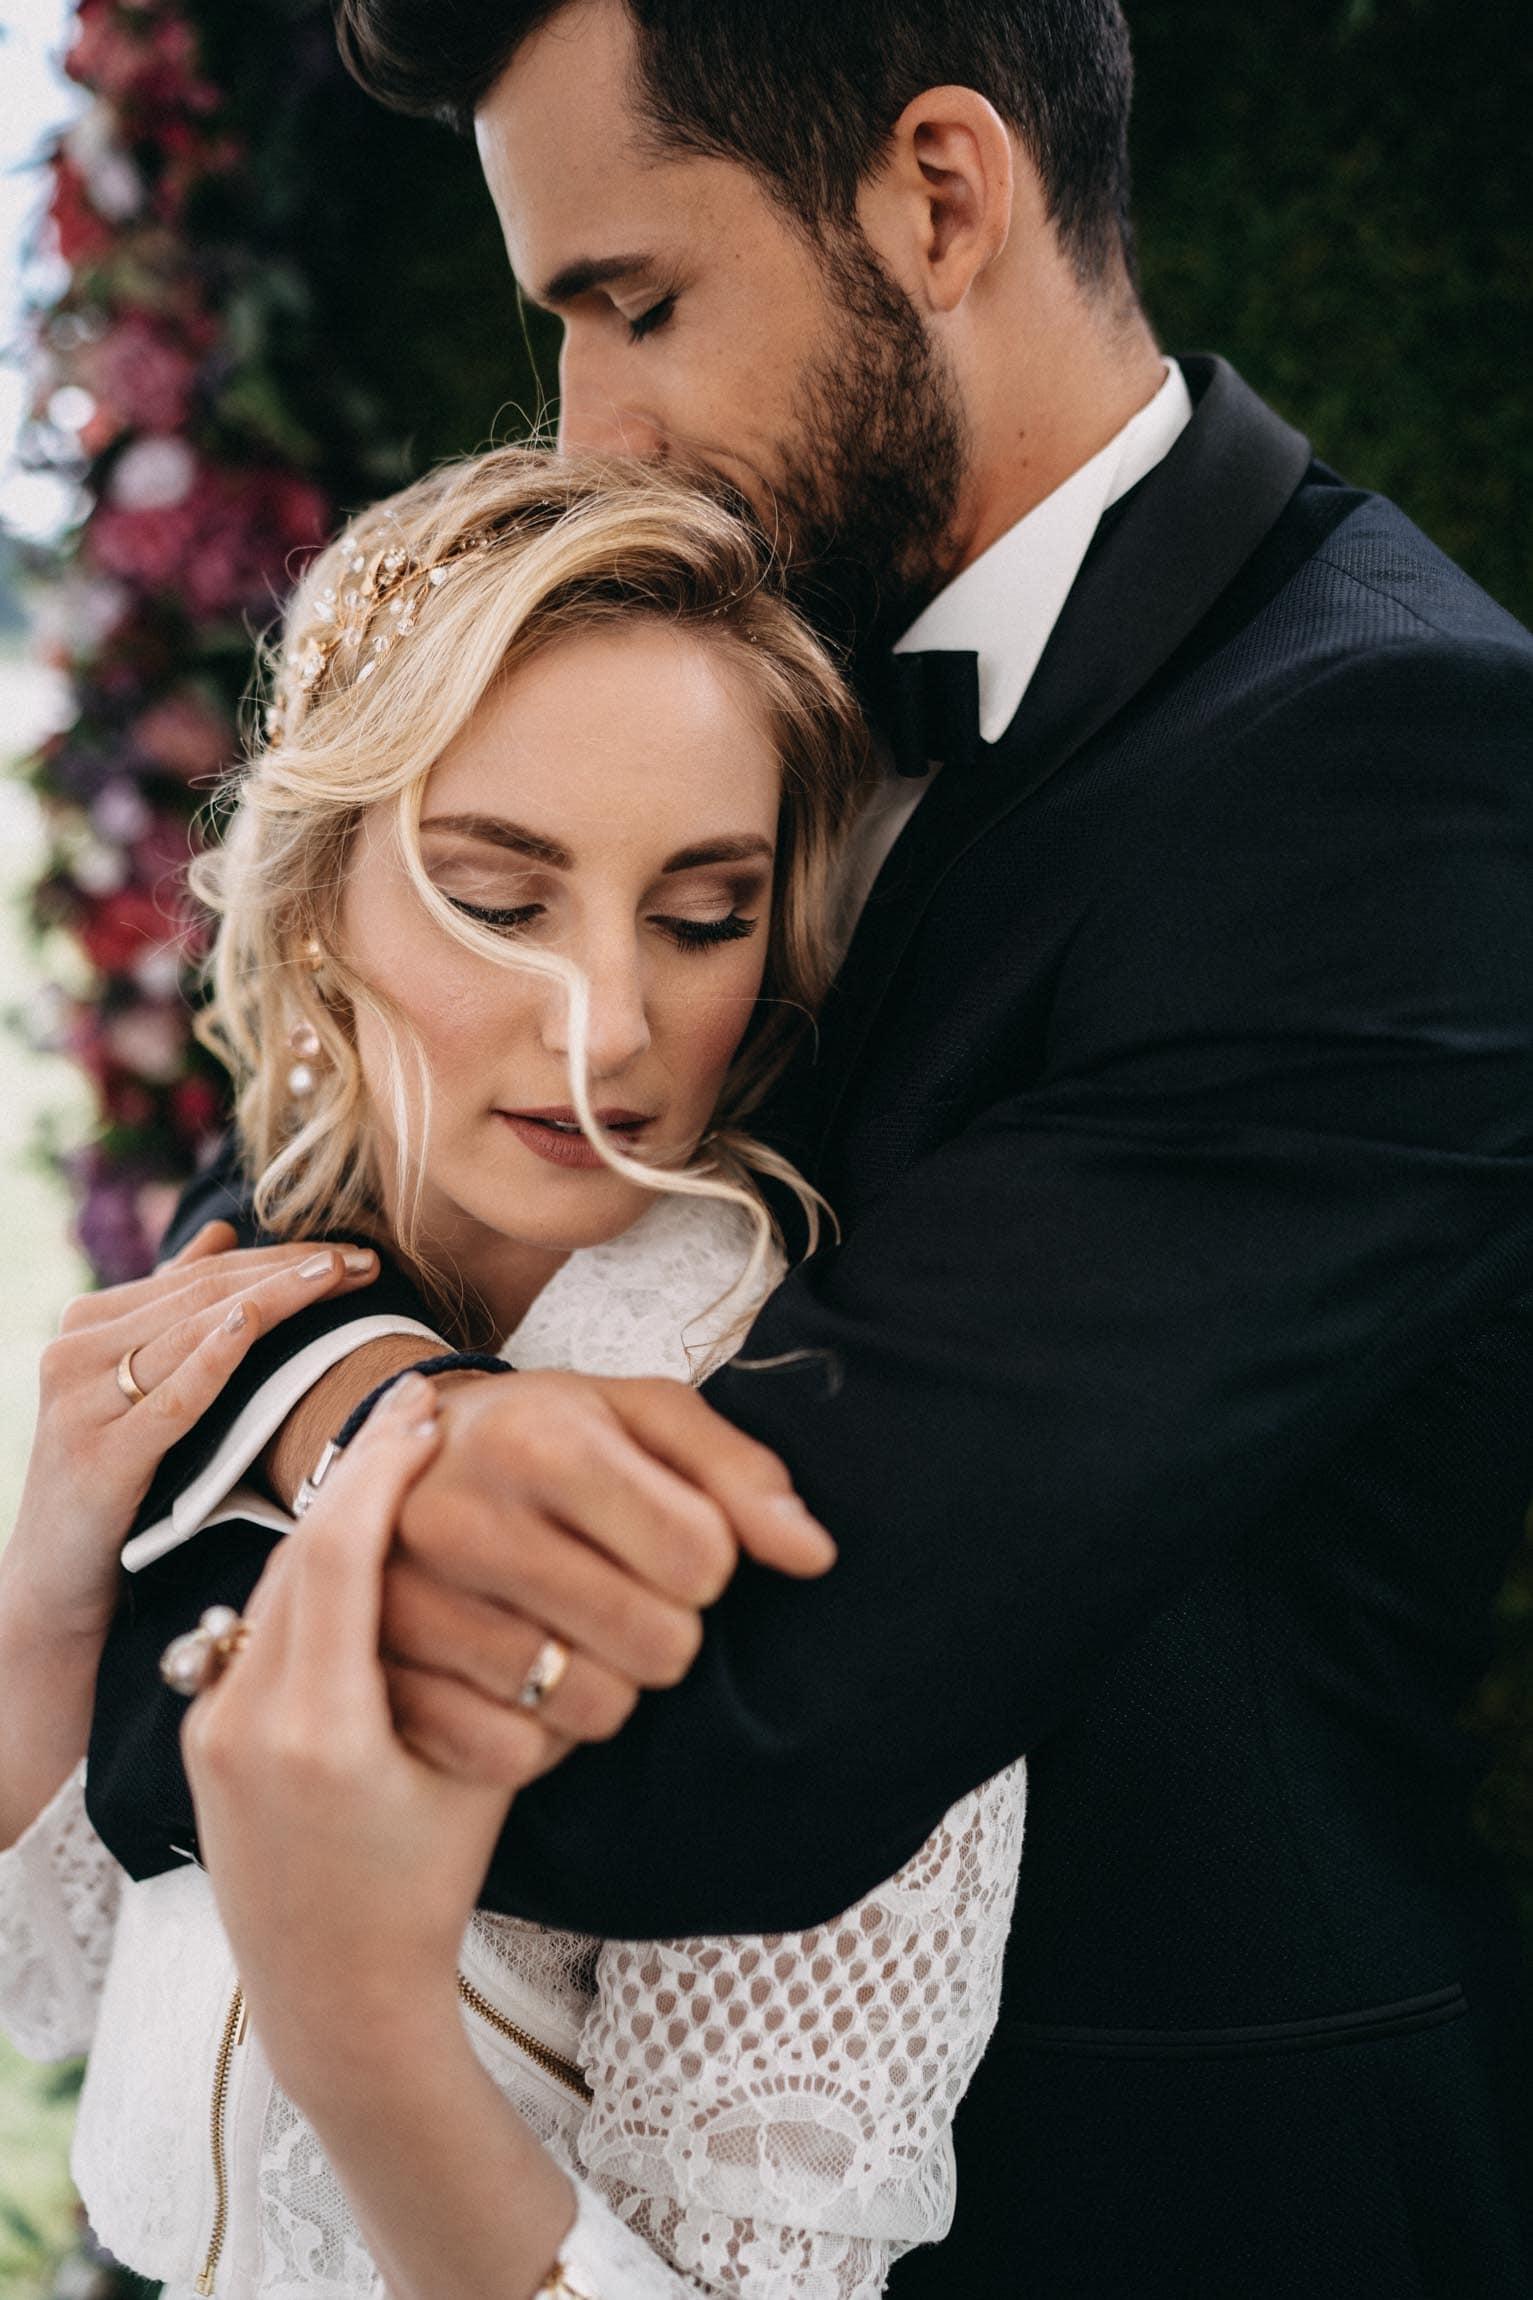 Brautpaar, Hochzeit, Braut, Bräutigam, Hochzeitskleid, Brautmakeup, 9020 Klagenfurt am Wörthersee, Belinda Wrann